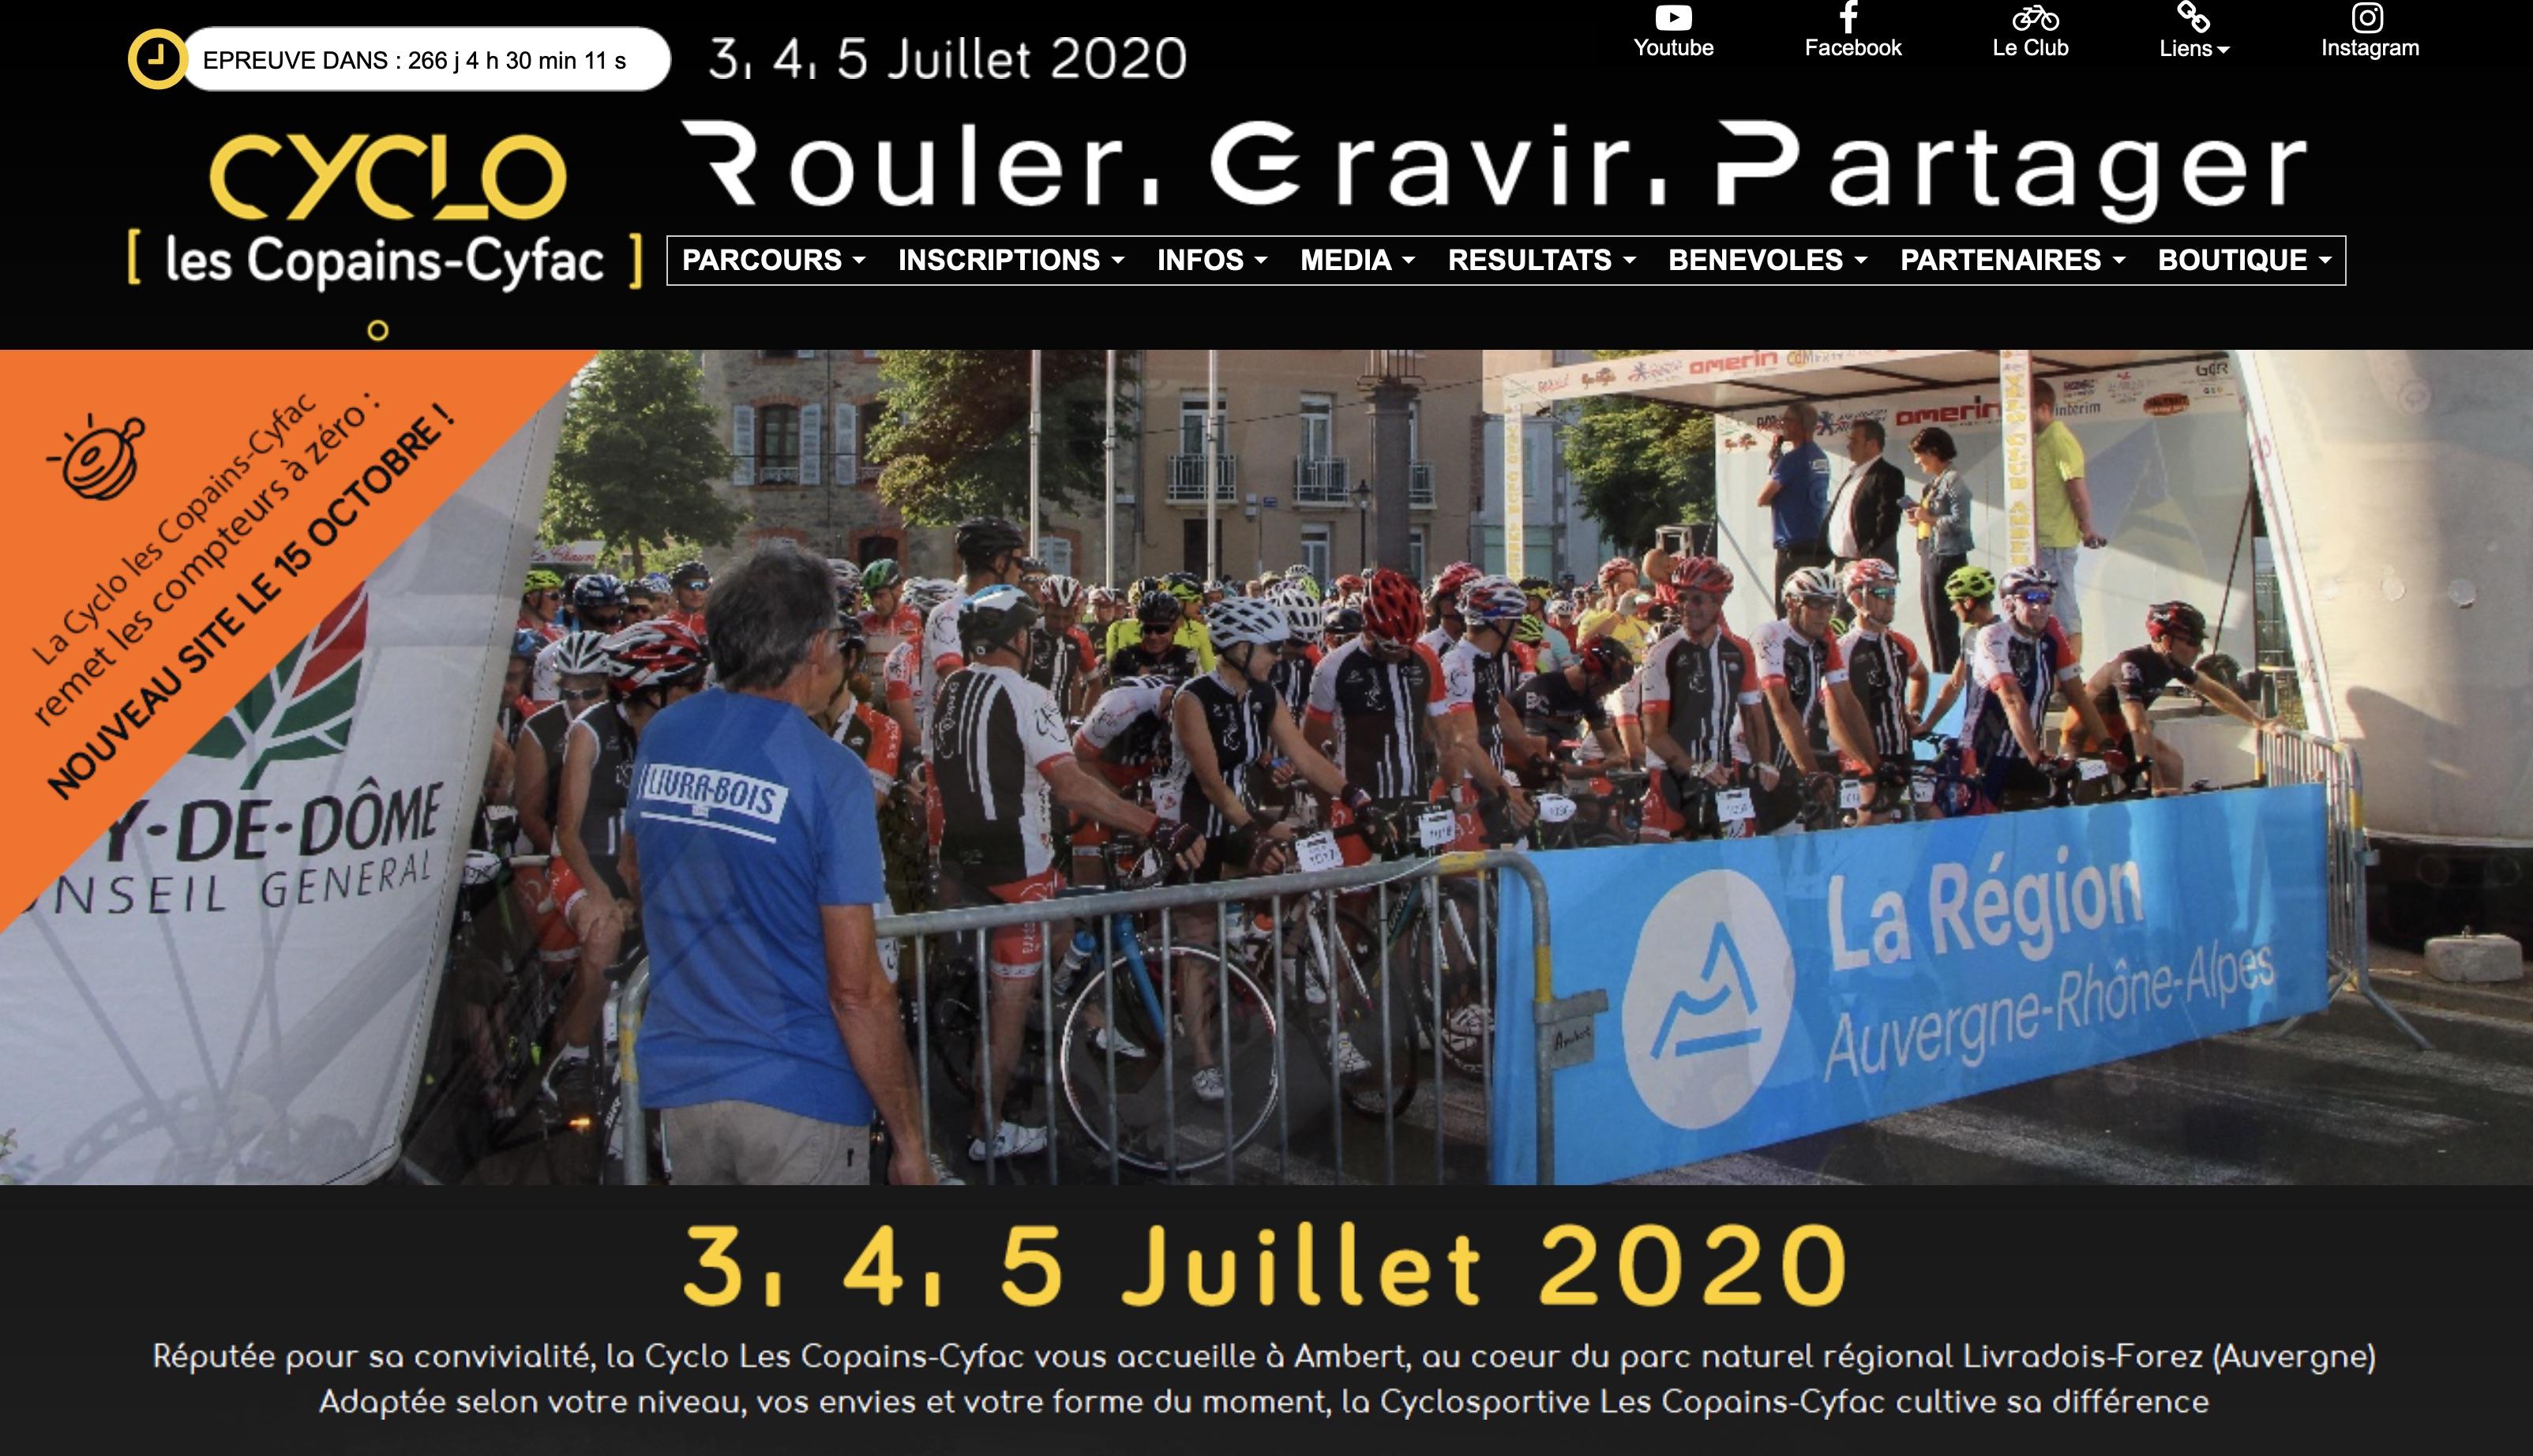 Calendrier Cyclo 2020.La Cyclo Les Copains Cyfac Cacbo Cyclo